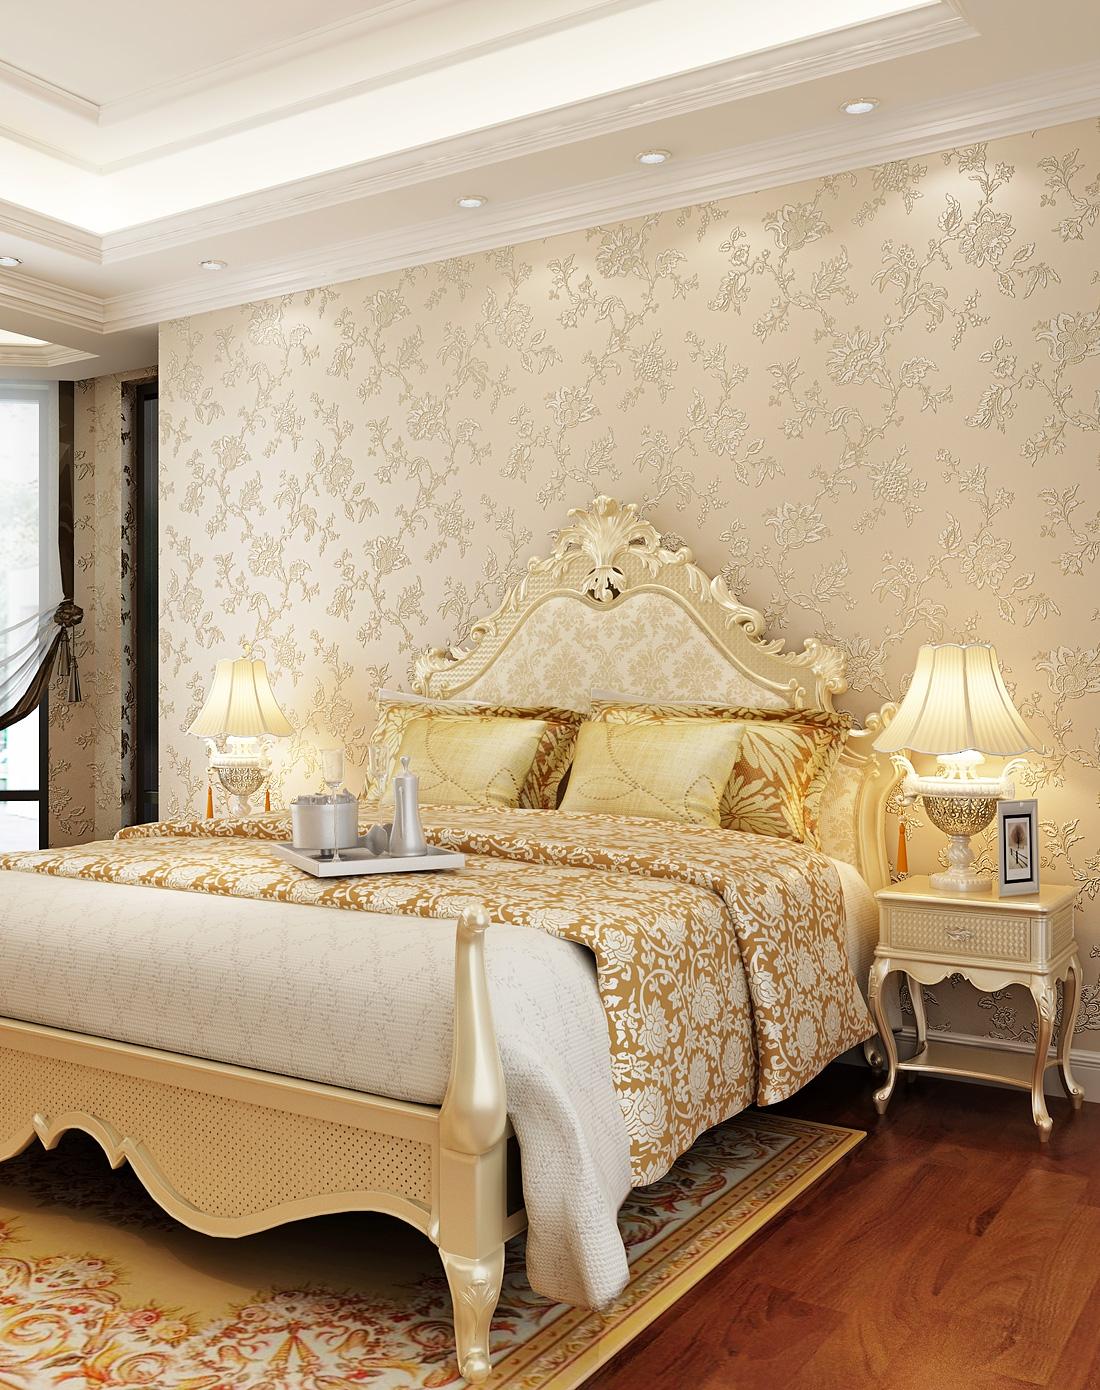 纸尚美学墙纸专场欧式简约风格立体浮雕3d壁纸2111010图片